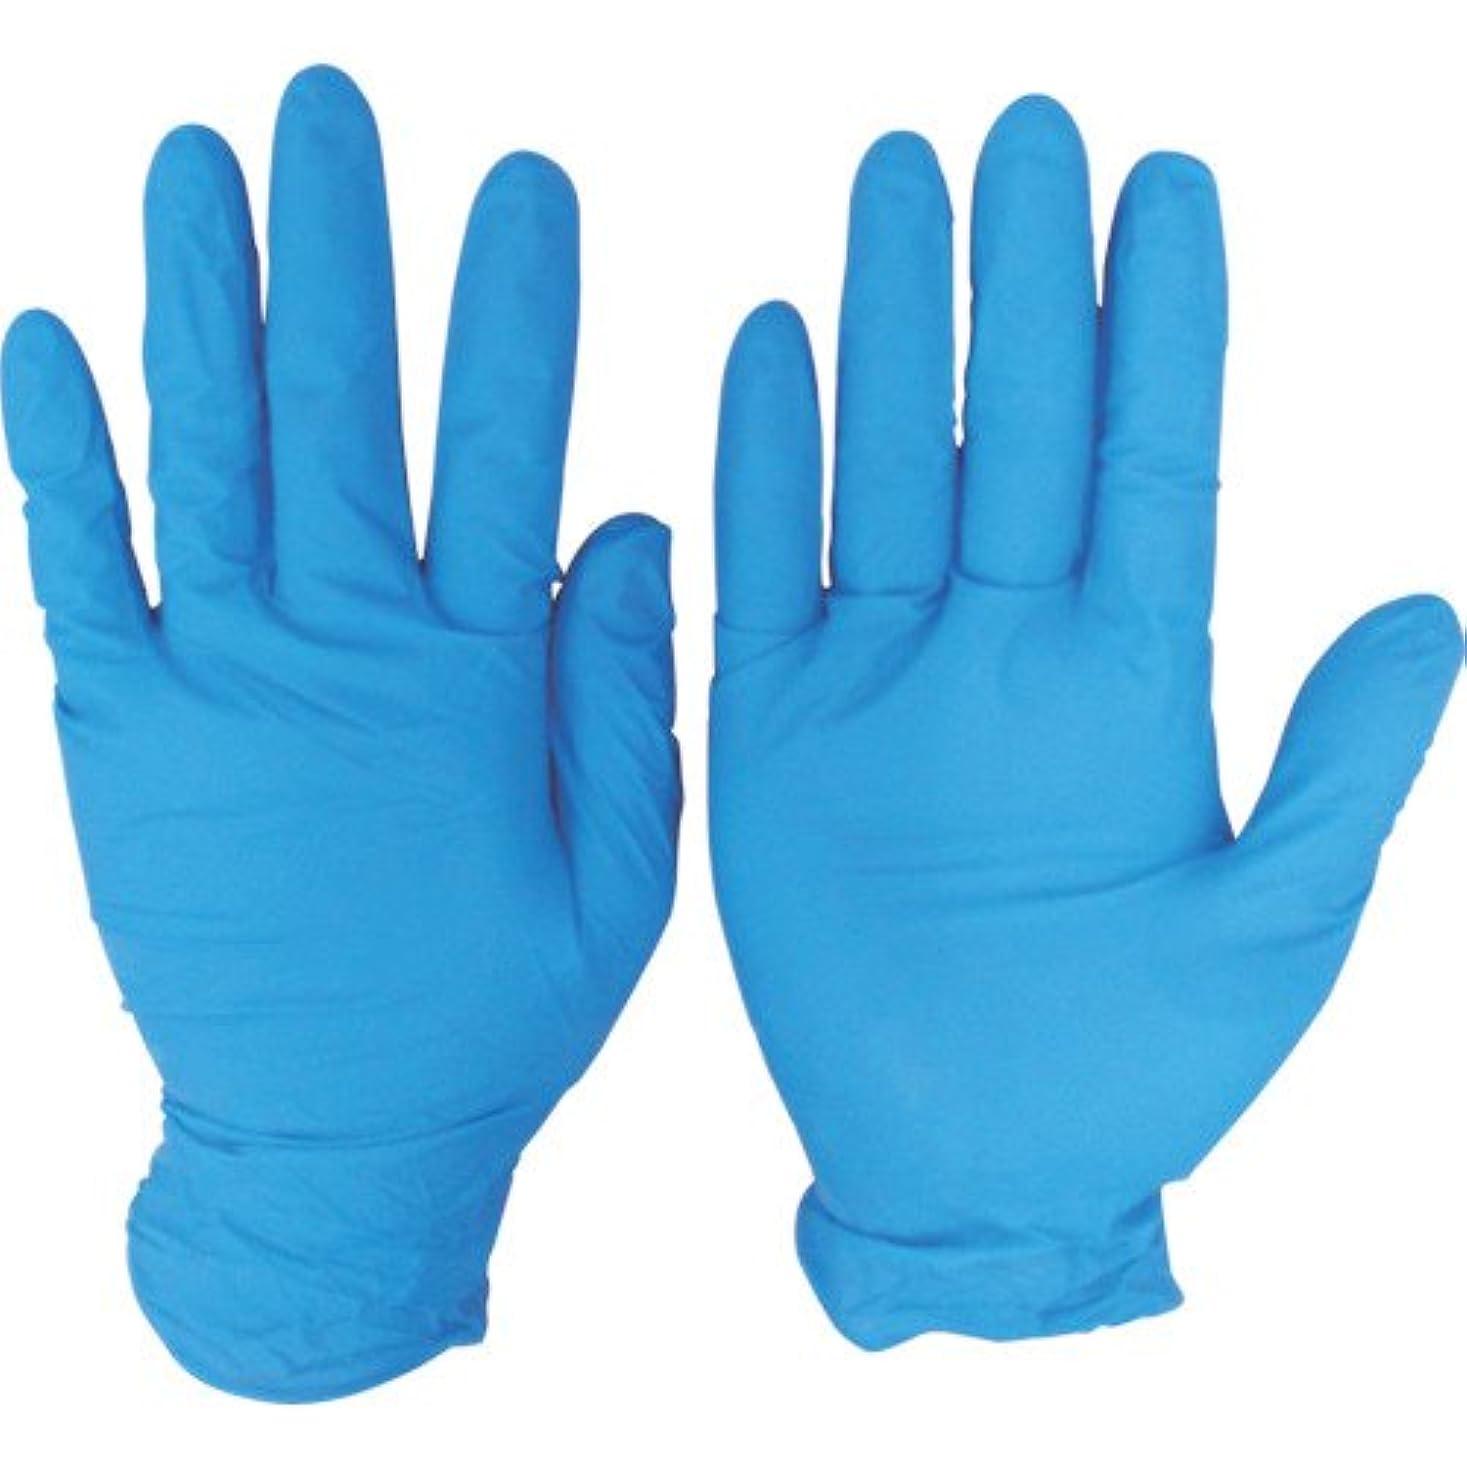 シンプルなアーサーコナンドイルビジターシンガー ニトリルディスポグローブ(手袋) No.810 ブルー パウダーフリー(100枚) L